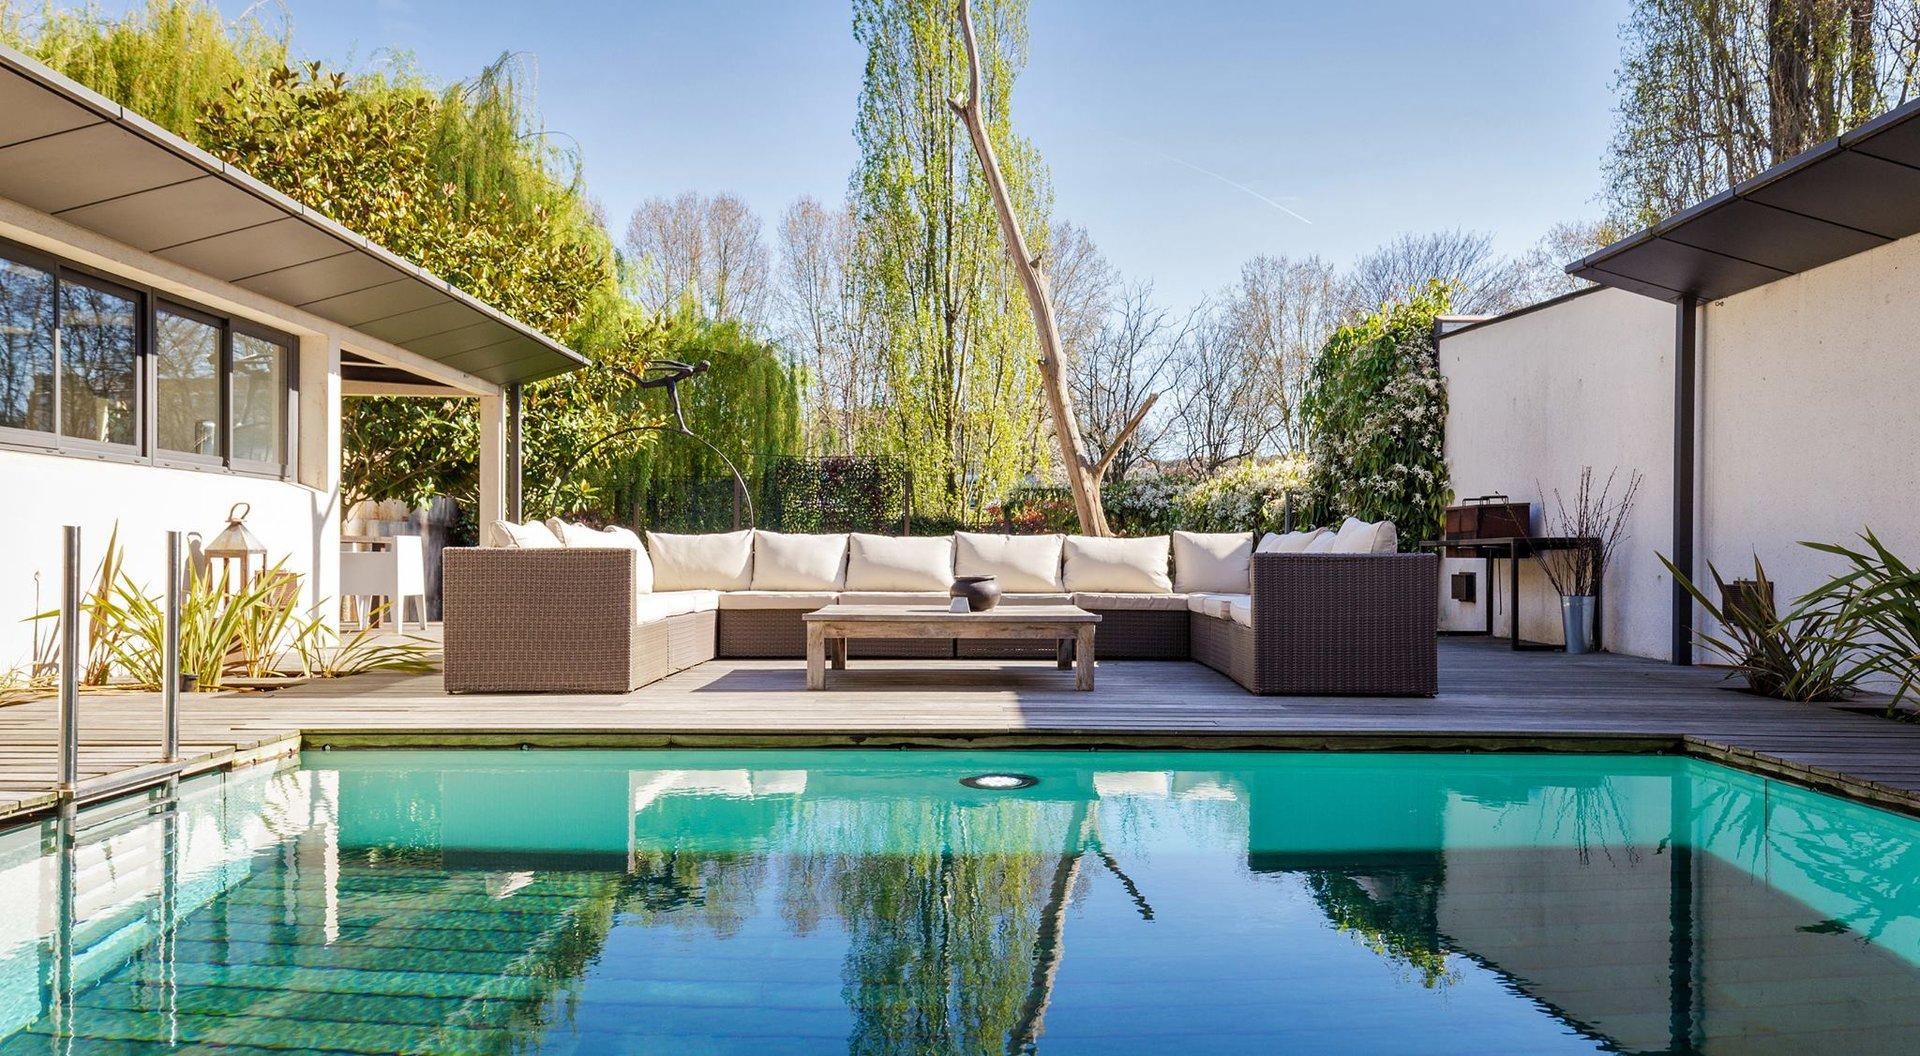 Vente / Achat Villa avec piscine et jardin aux portes de Paris à Issy les Moulineaux -